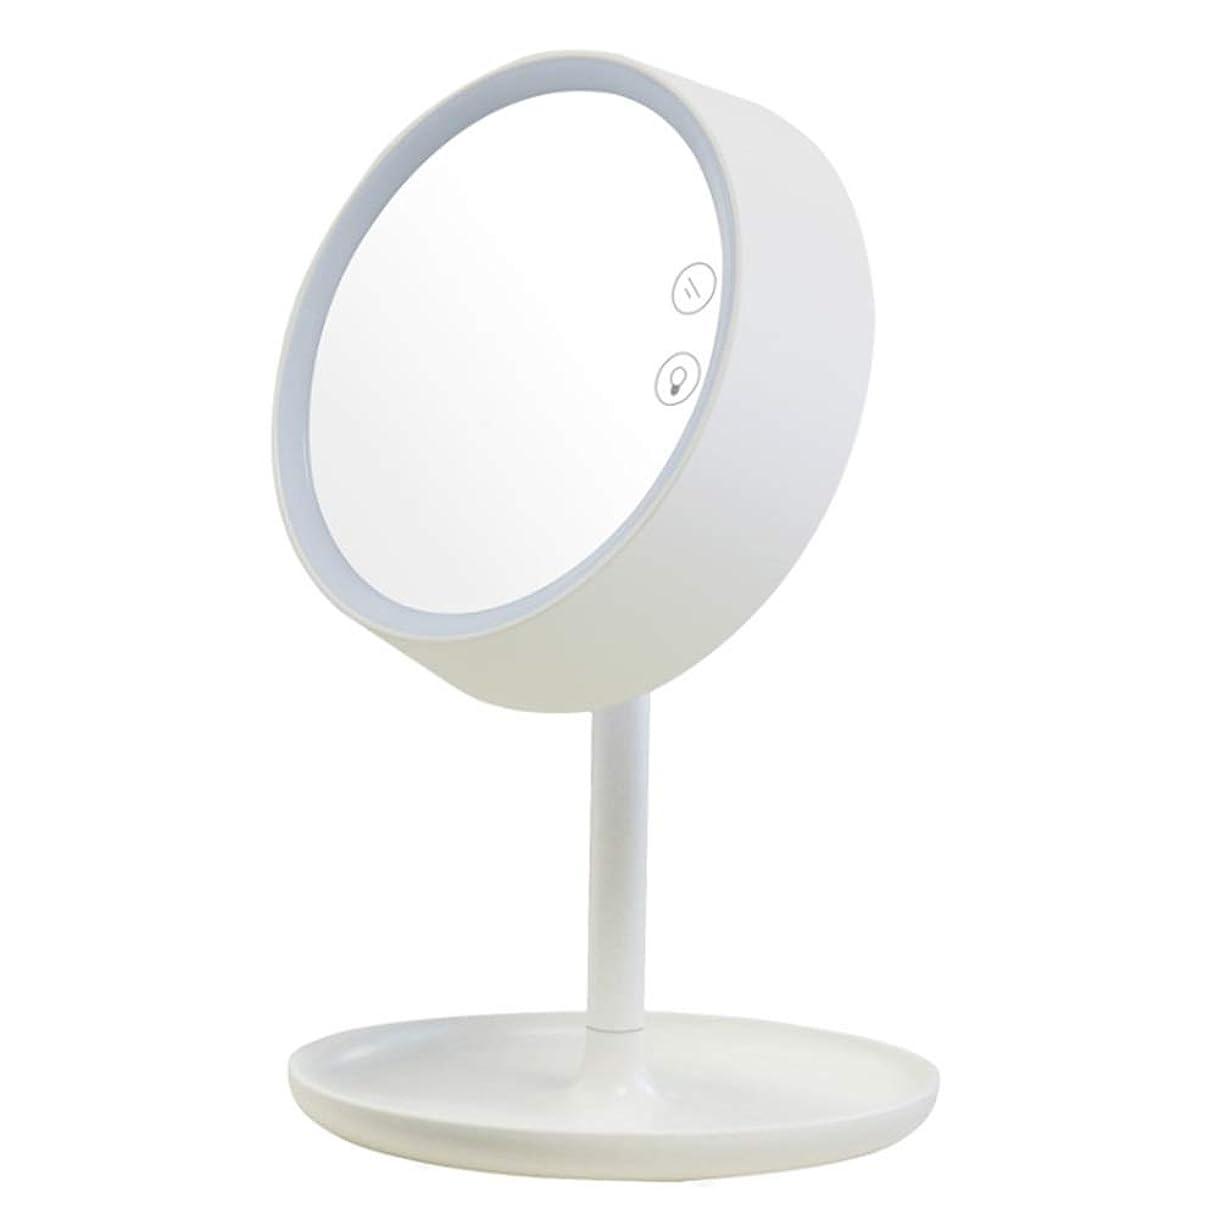 豊かにする飼い慣らすユニークな卓上ミラー 鏡 ライトはストレージトレイで画面3明るさUSB電源ツェッペリンライトアップミラーをタッチする7色の変更卓上メイクバニティミラー 化粧ミラー 女優ミラー (色 : 白, サイズ : Free size)